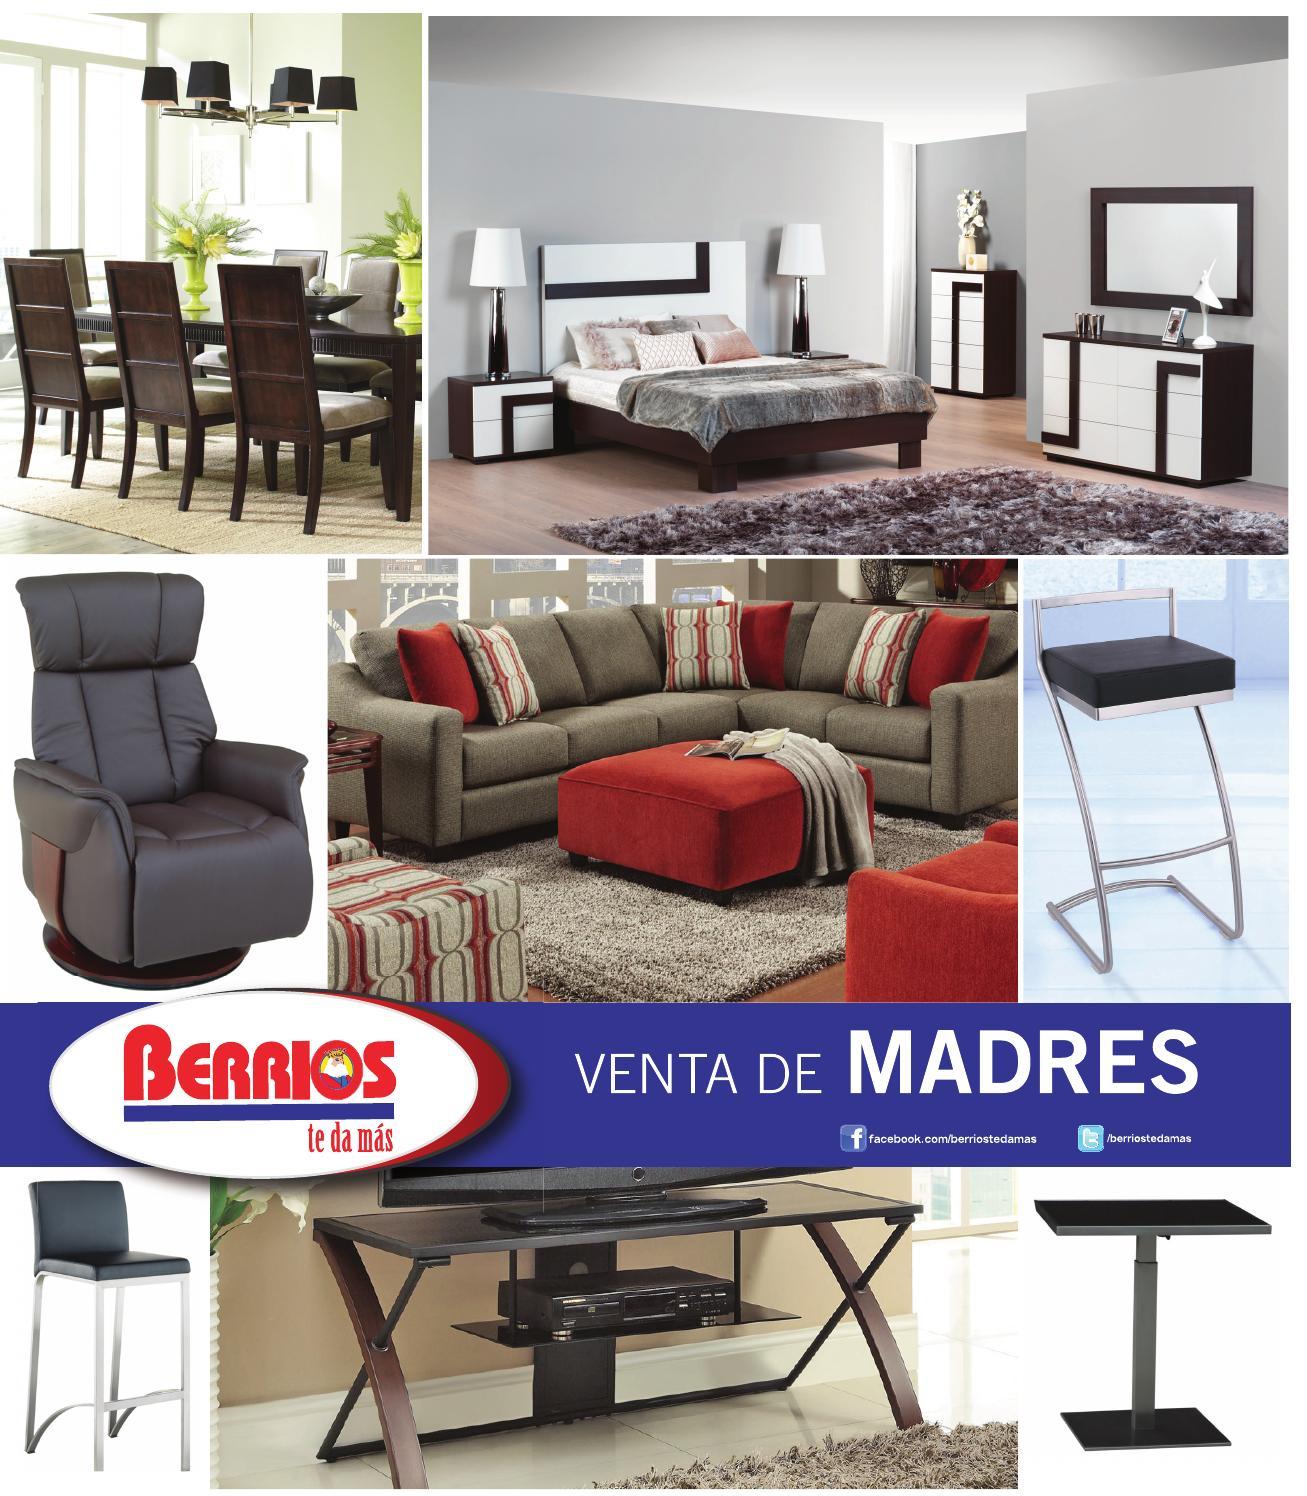 Mueblerias Berrios Shopper - 0425